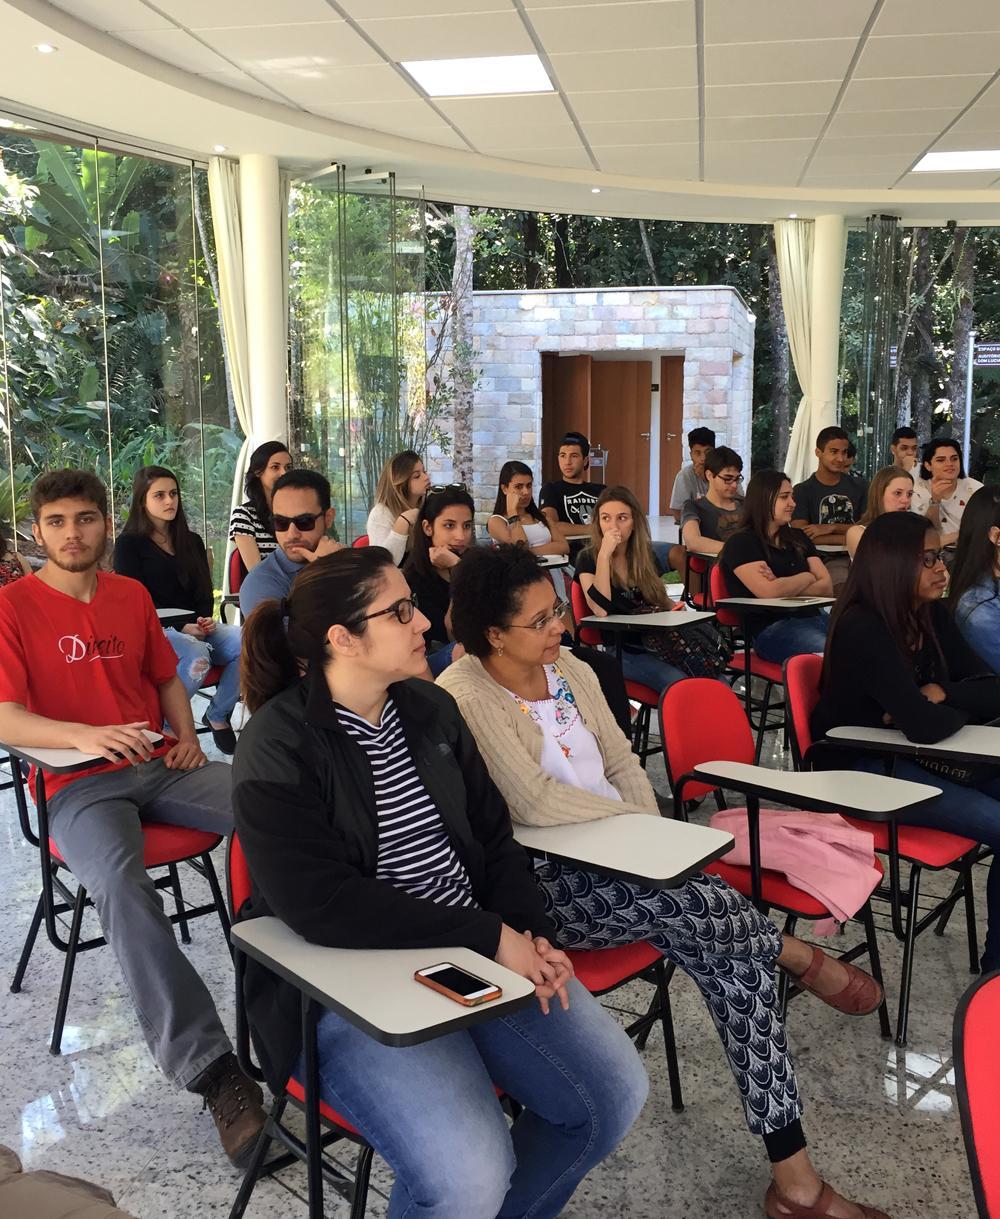 Atividade foi realizada no novo campus da Dom Helder Escola de Direito.